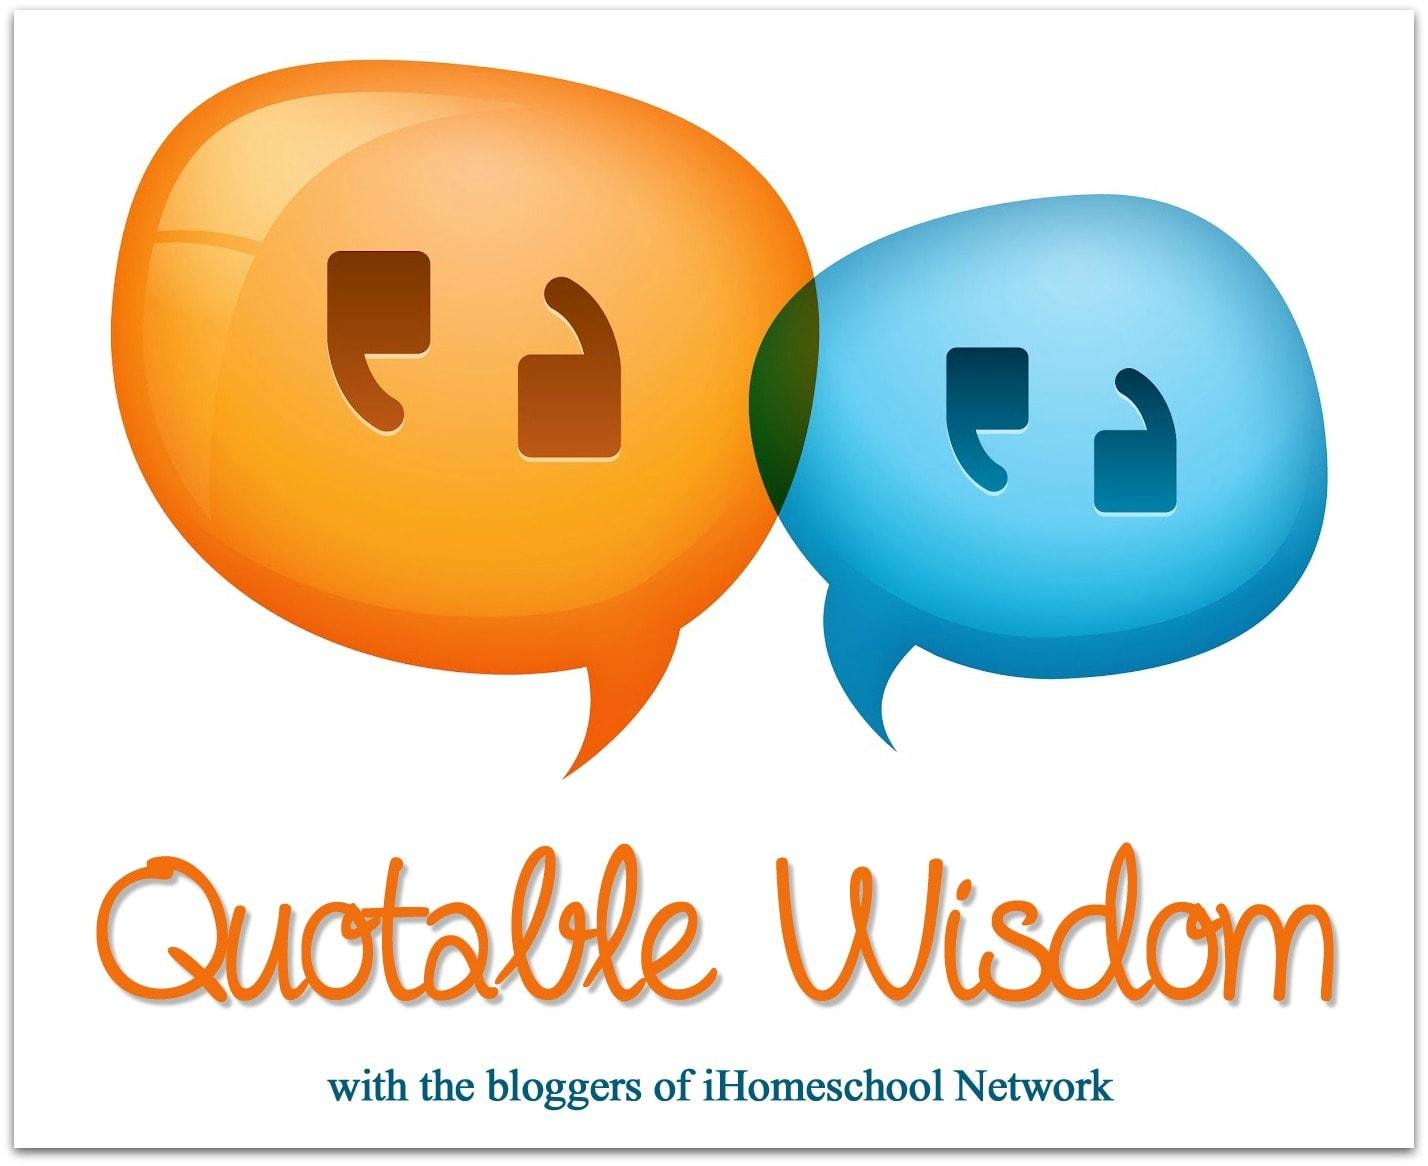 Quotable-Wisdom